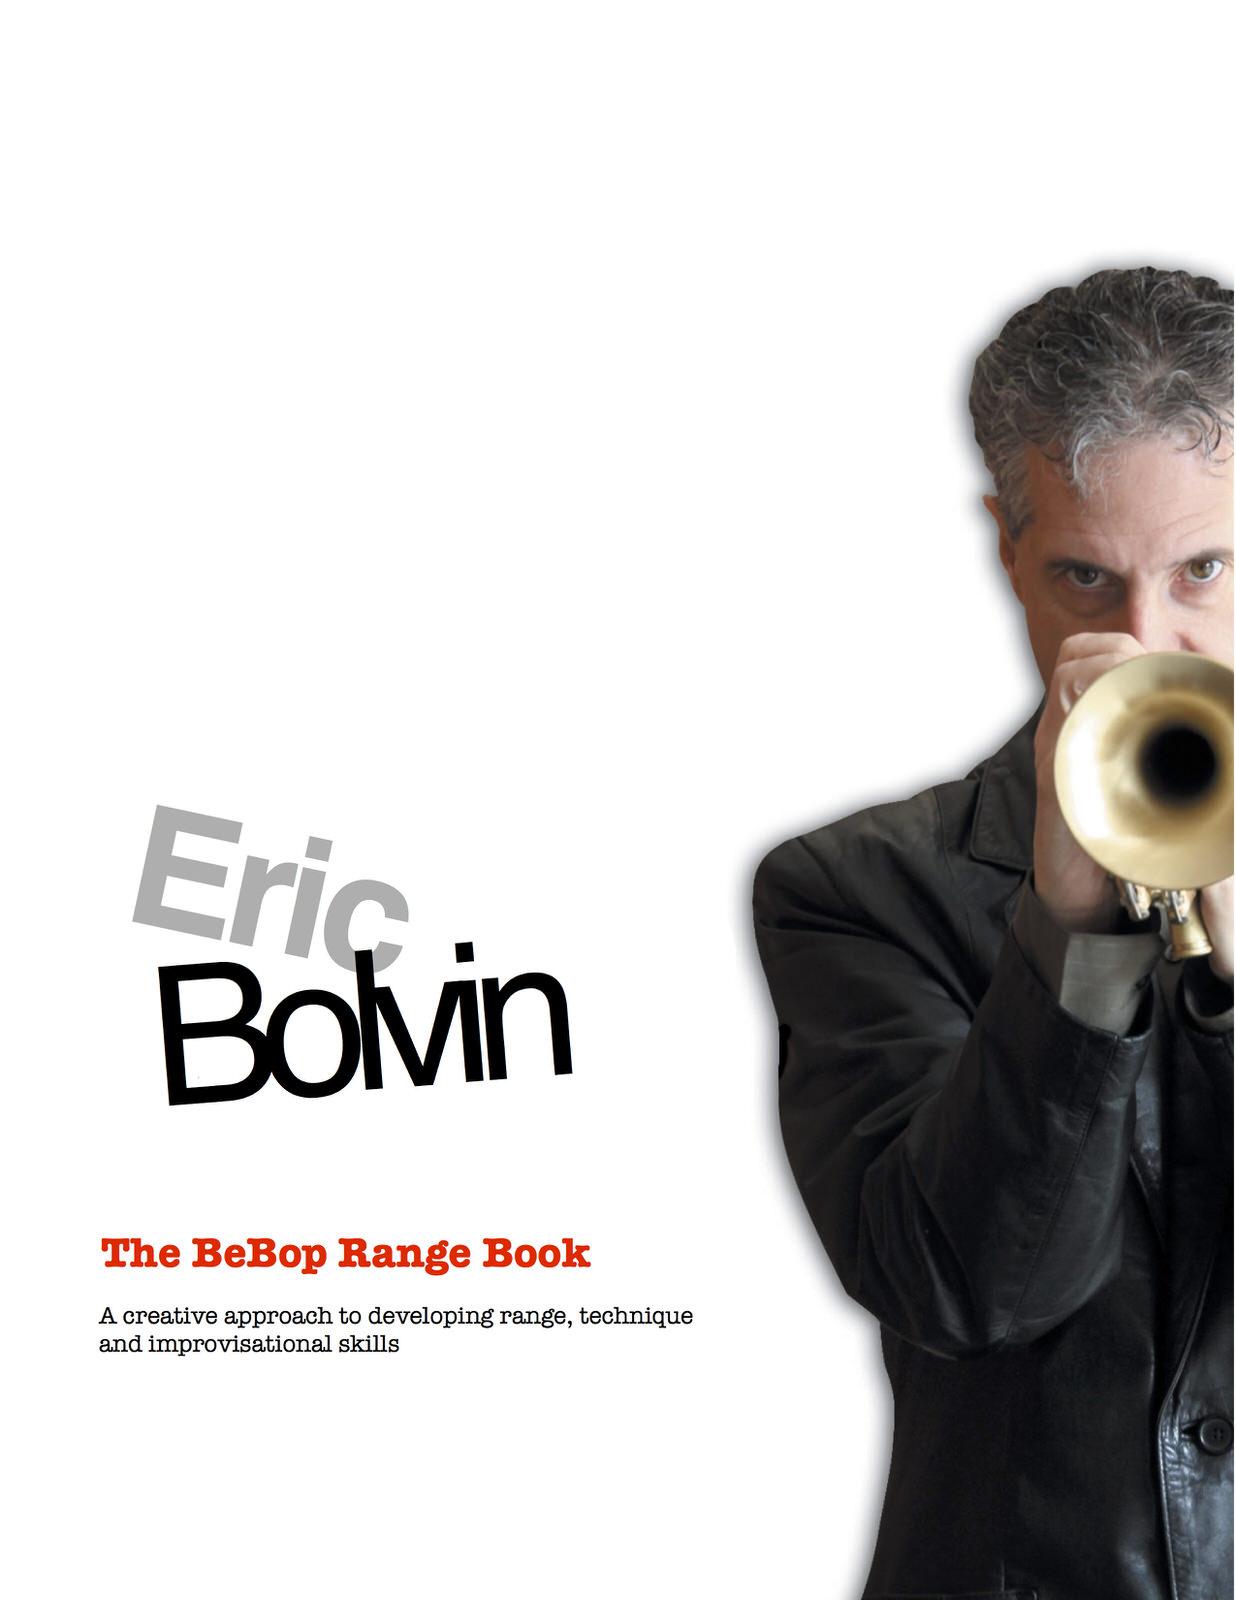 Bolvin, The BeBop Range Book